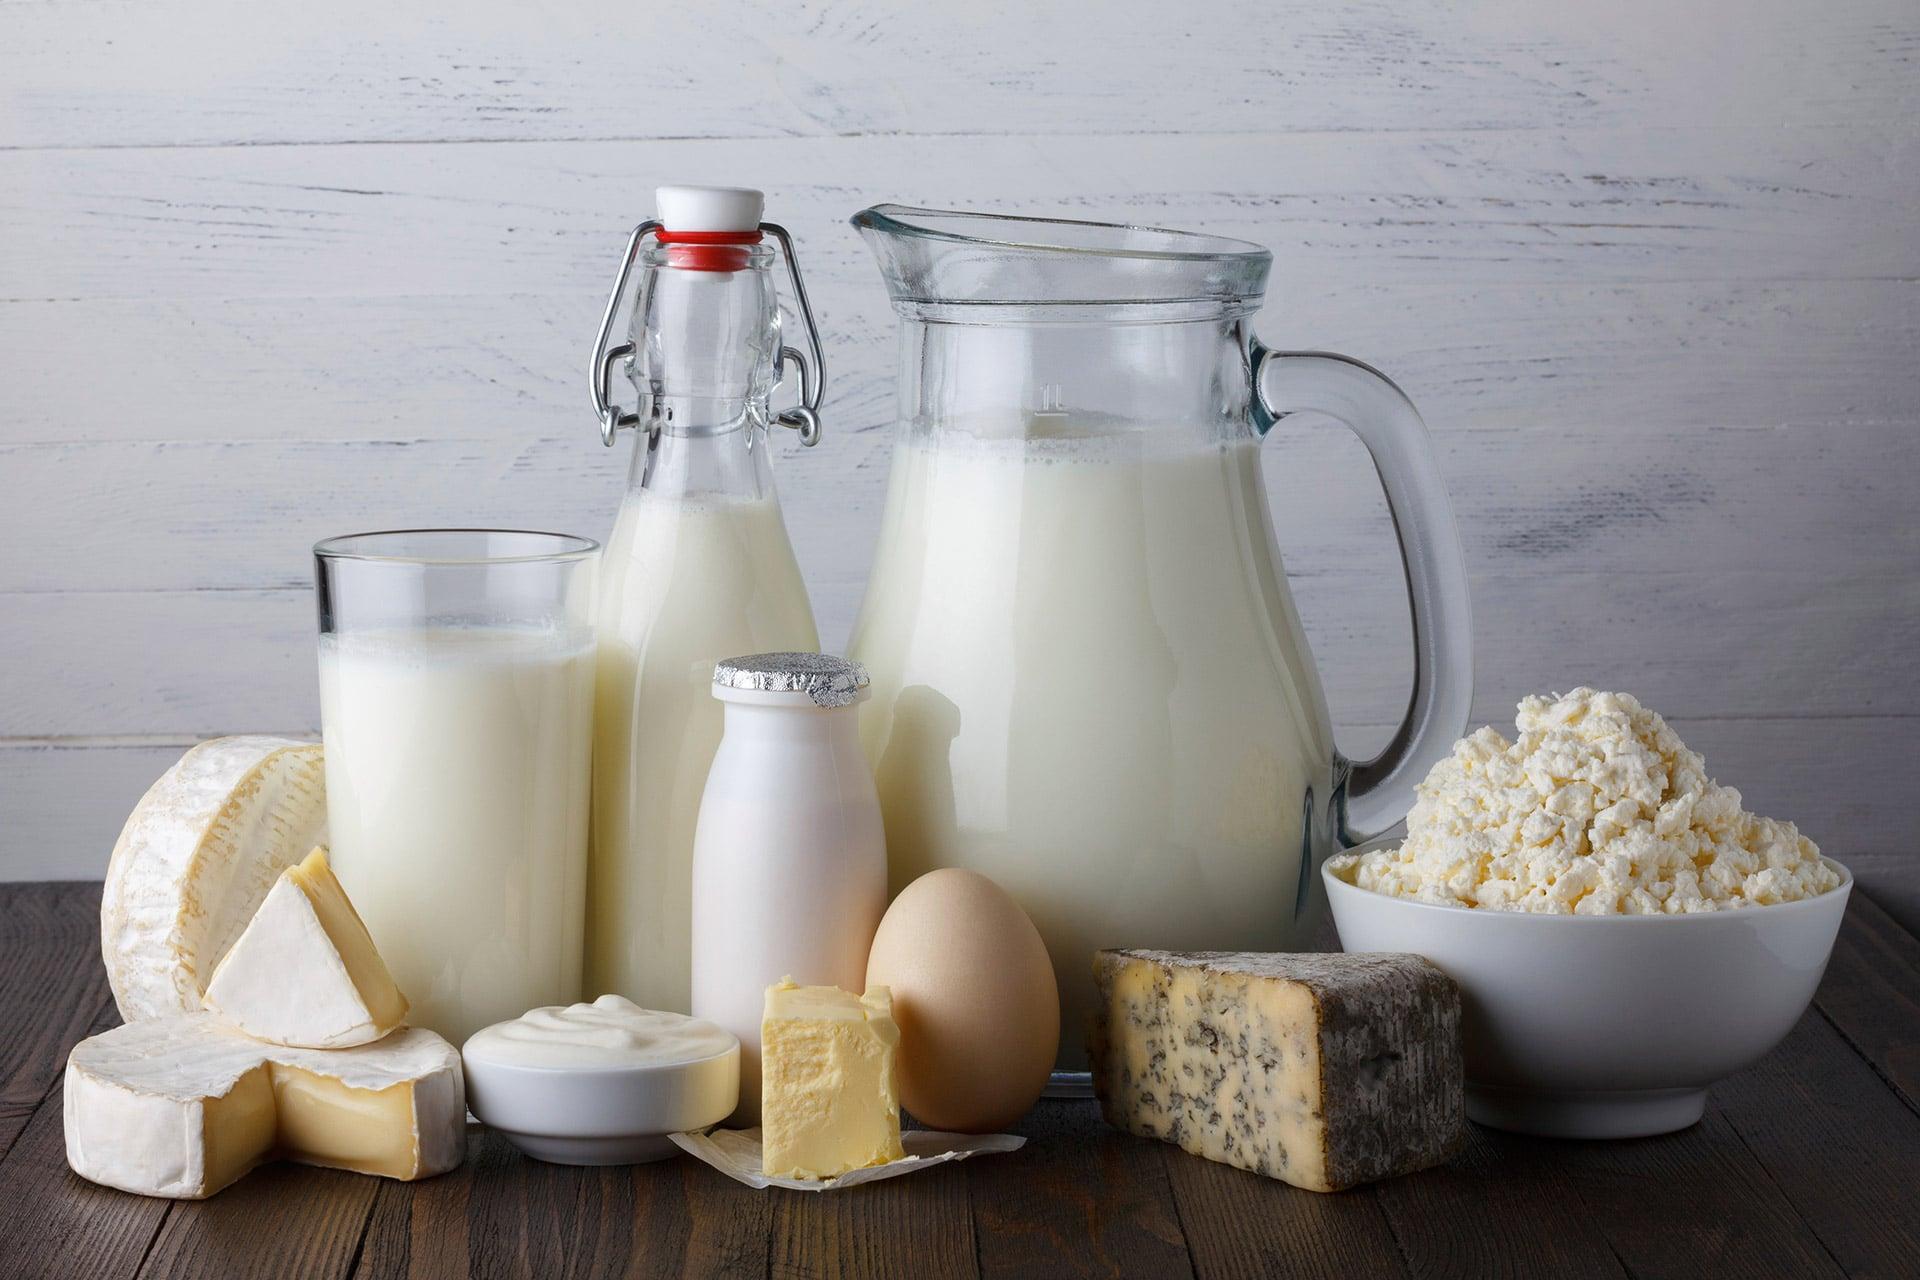 produits laitiers afrique